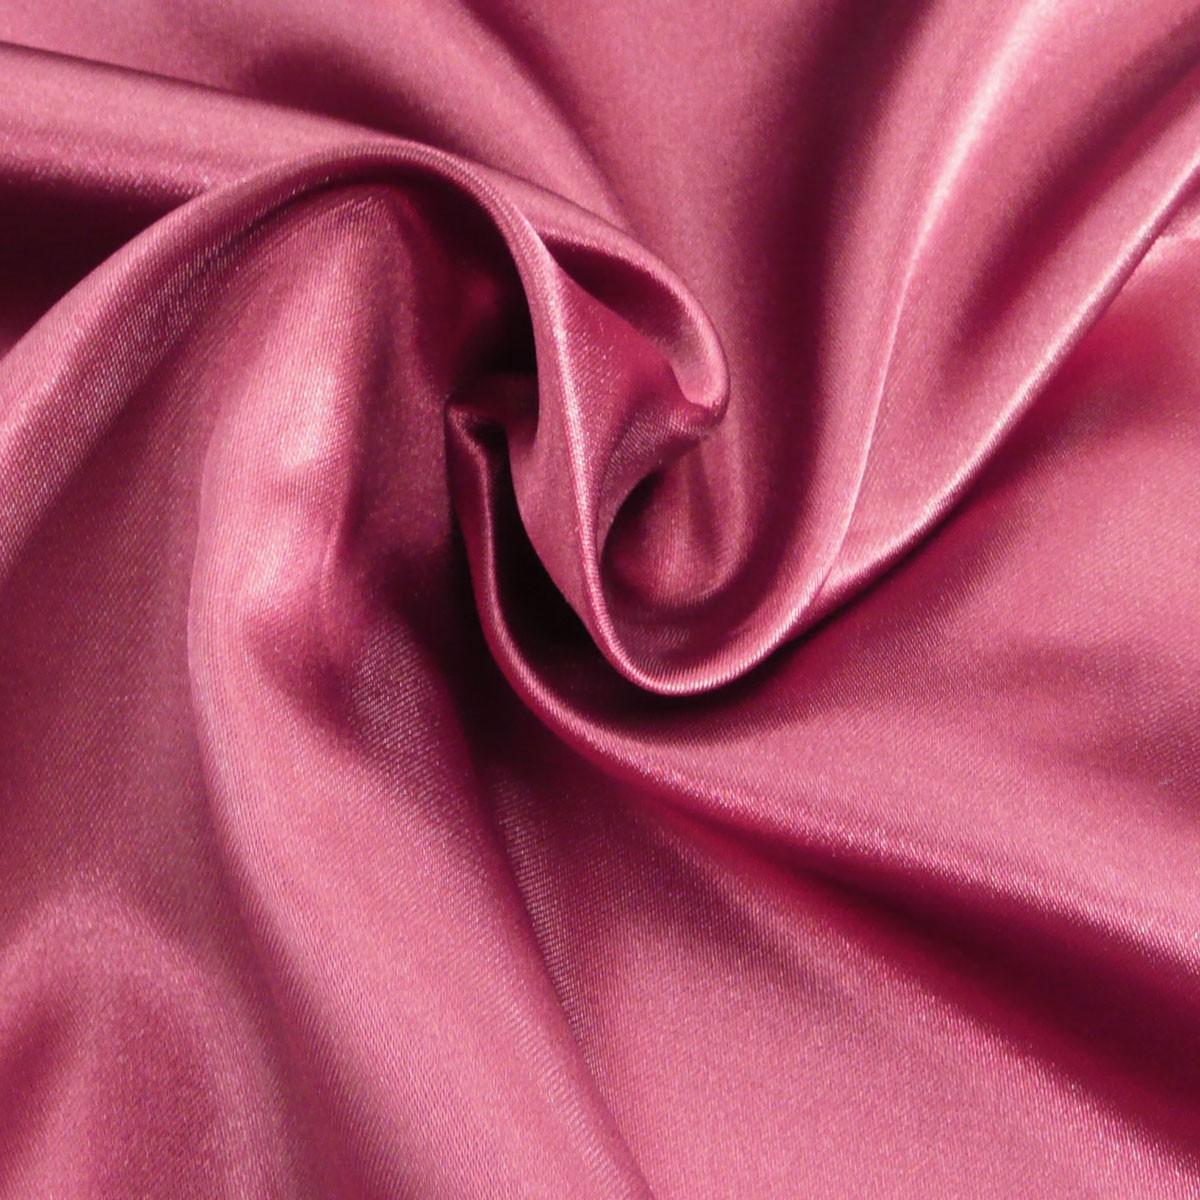 Kreativstoff Satinstoff einfarbig weinrot 1,4m Breite